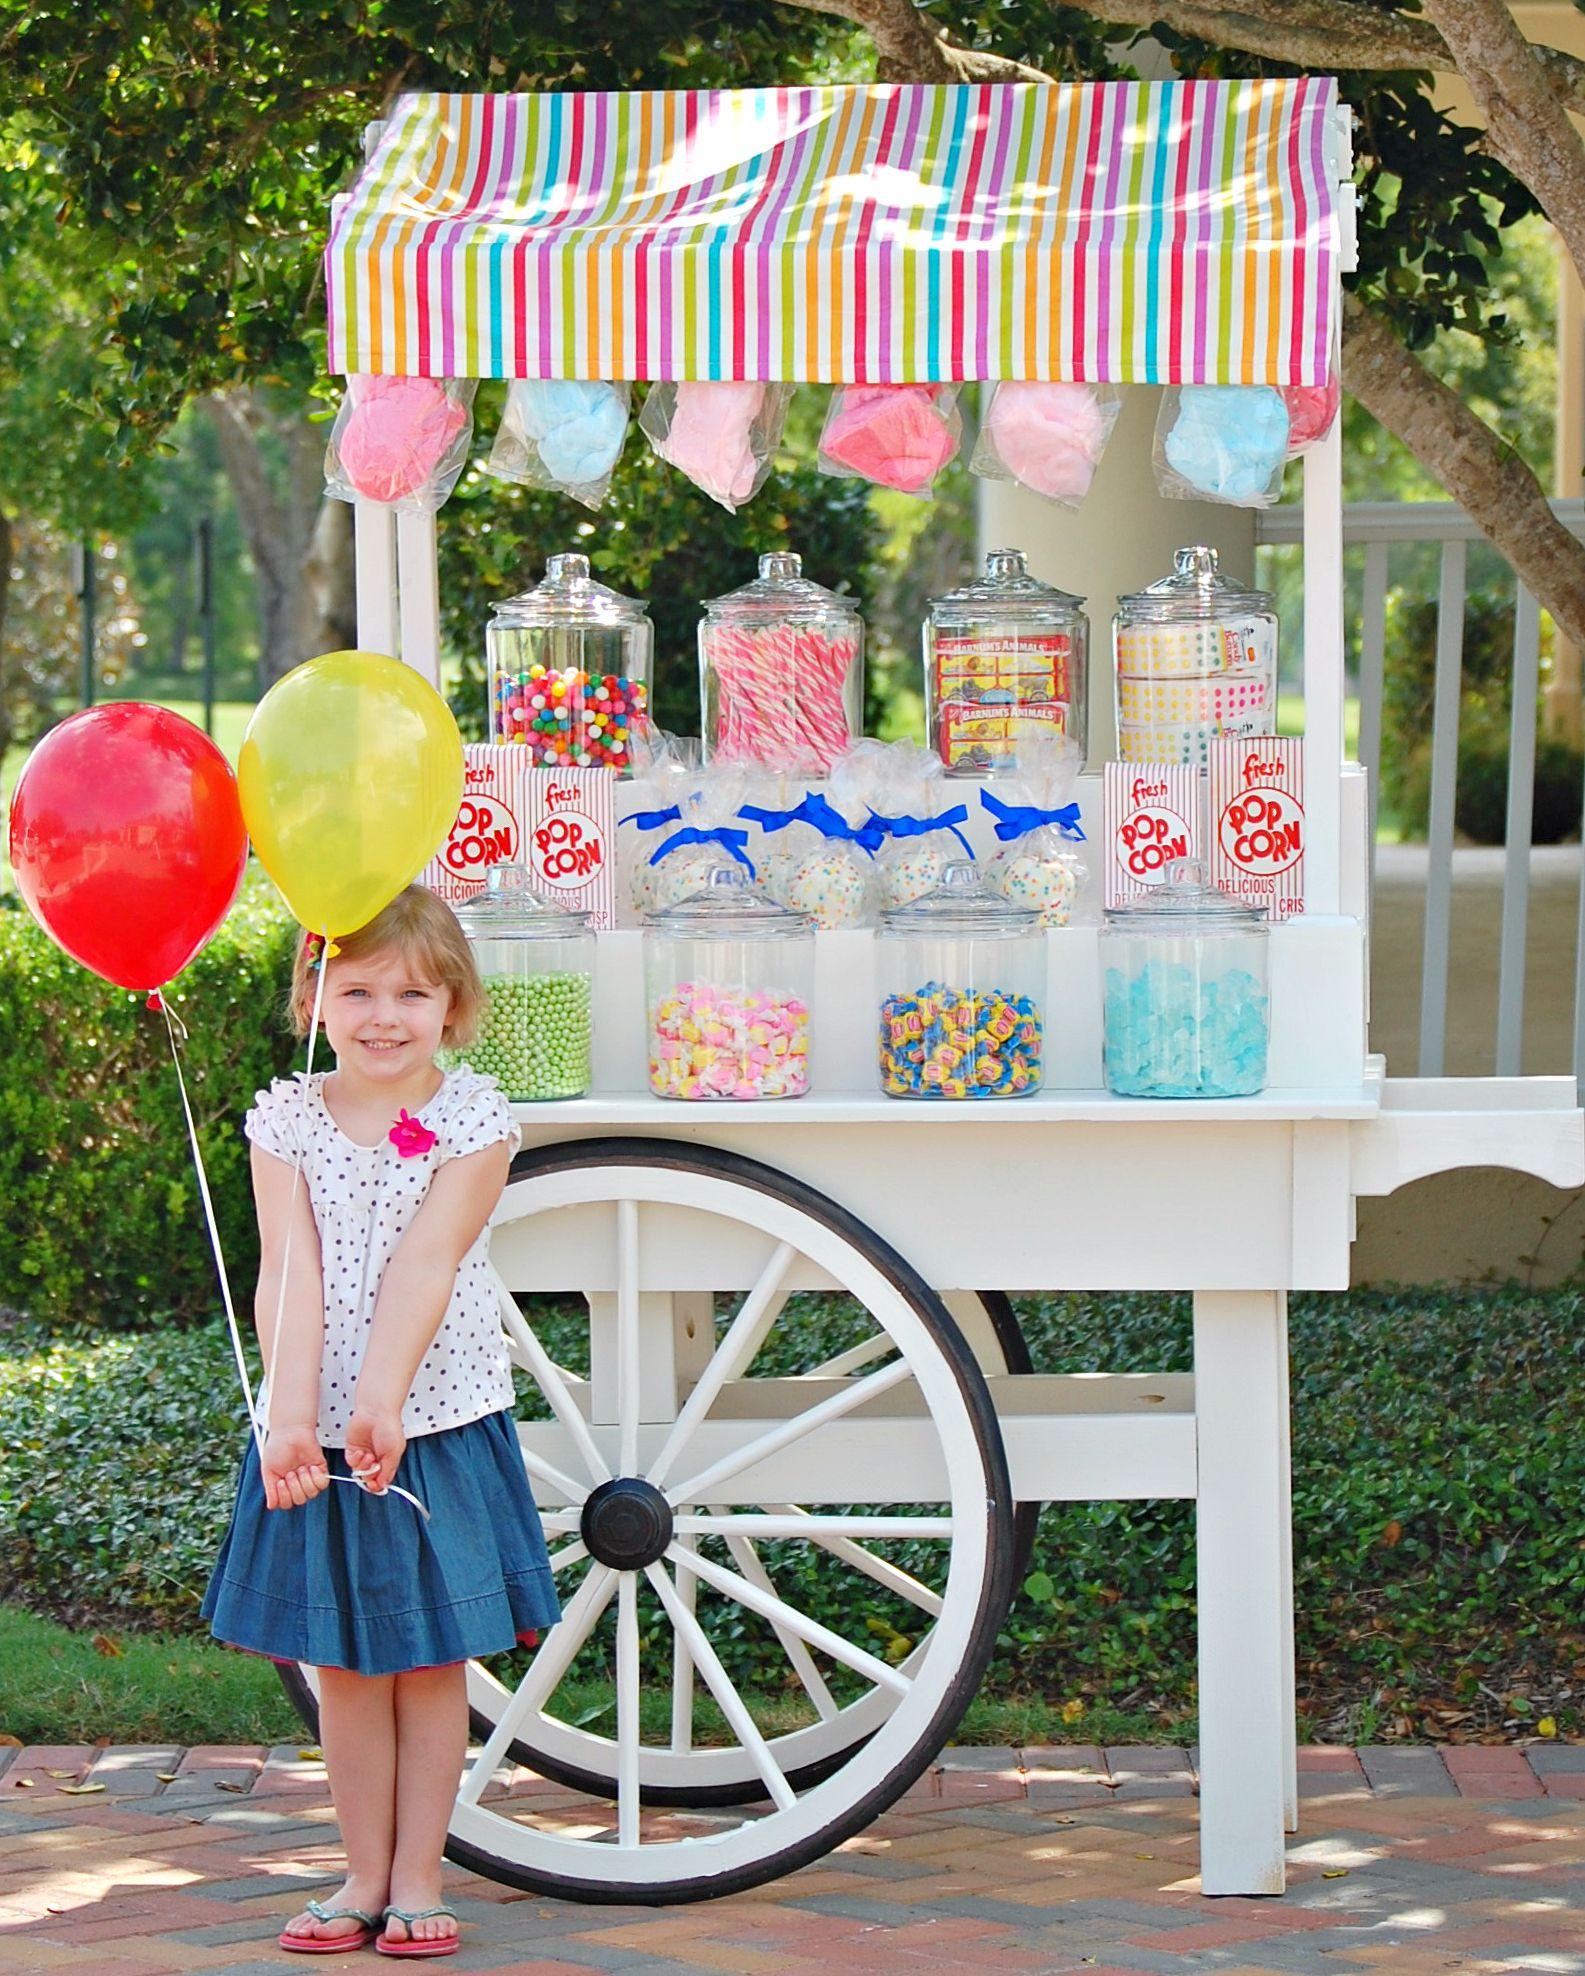 Tiendita de caramelos y dulces